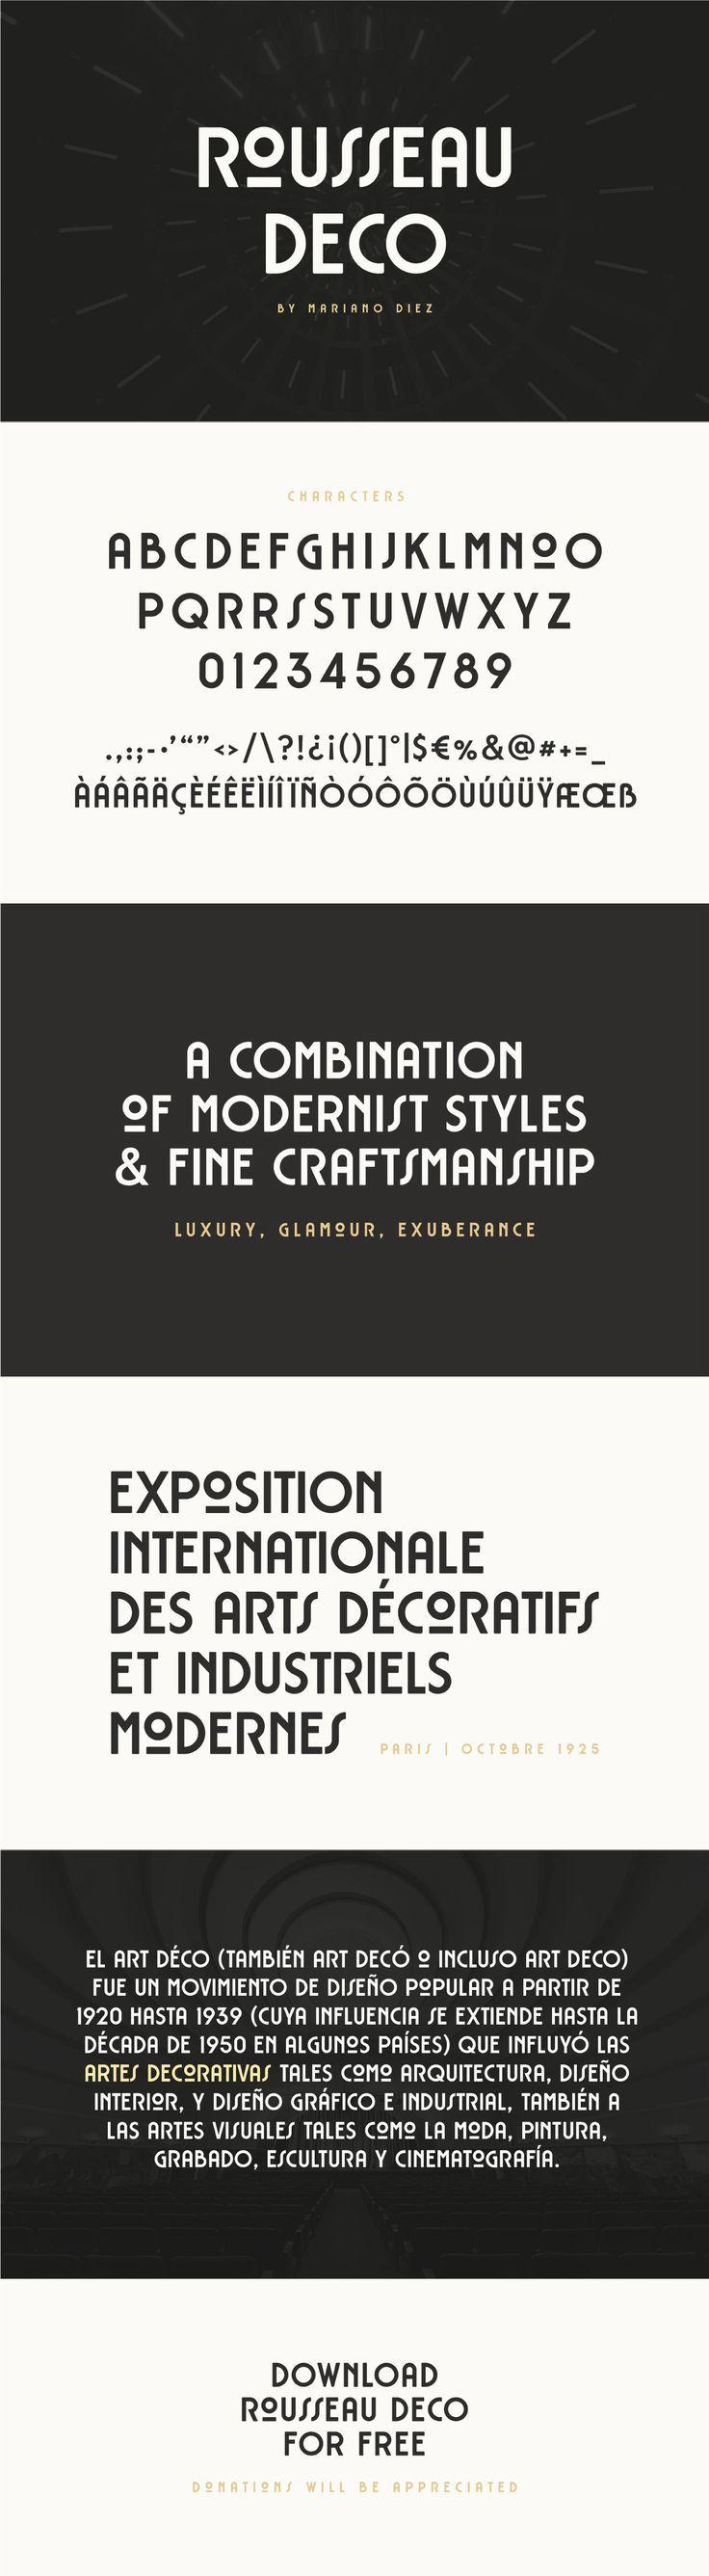 Rousseau Deco Free Display Font On Behance Art Deco Typography Art Deco Font Art Nouveau Poster